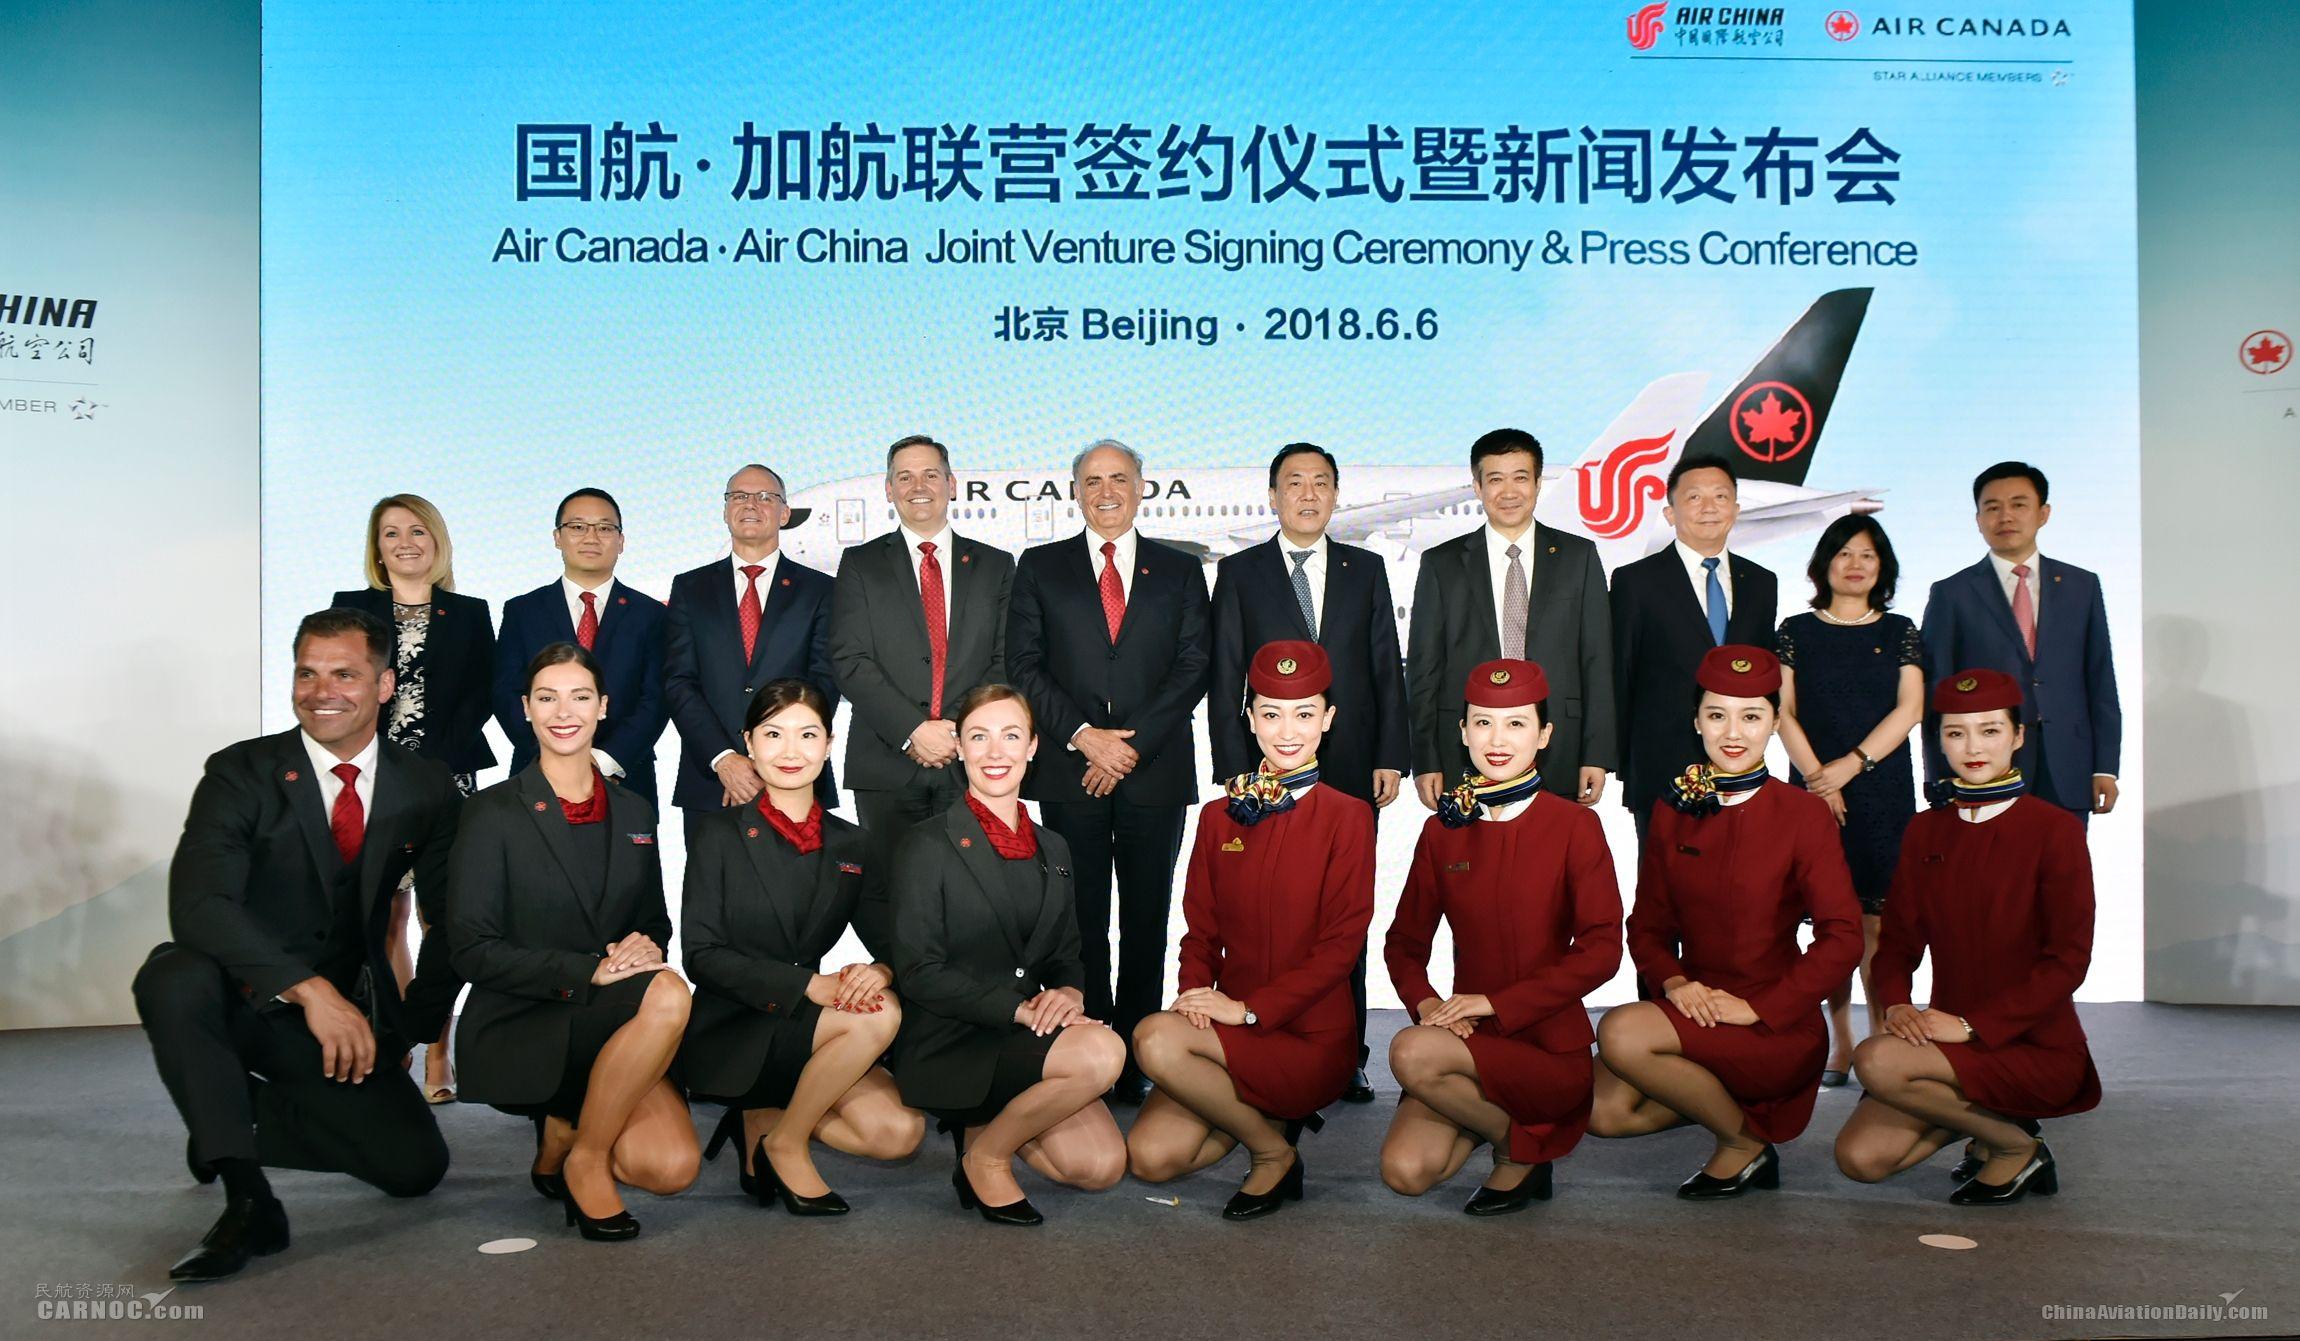 国航与加航签署中国-北美洲航司间首个联营协议